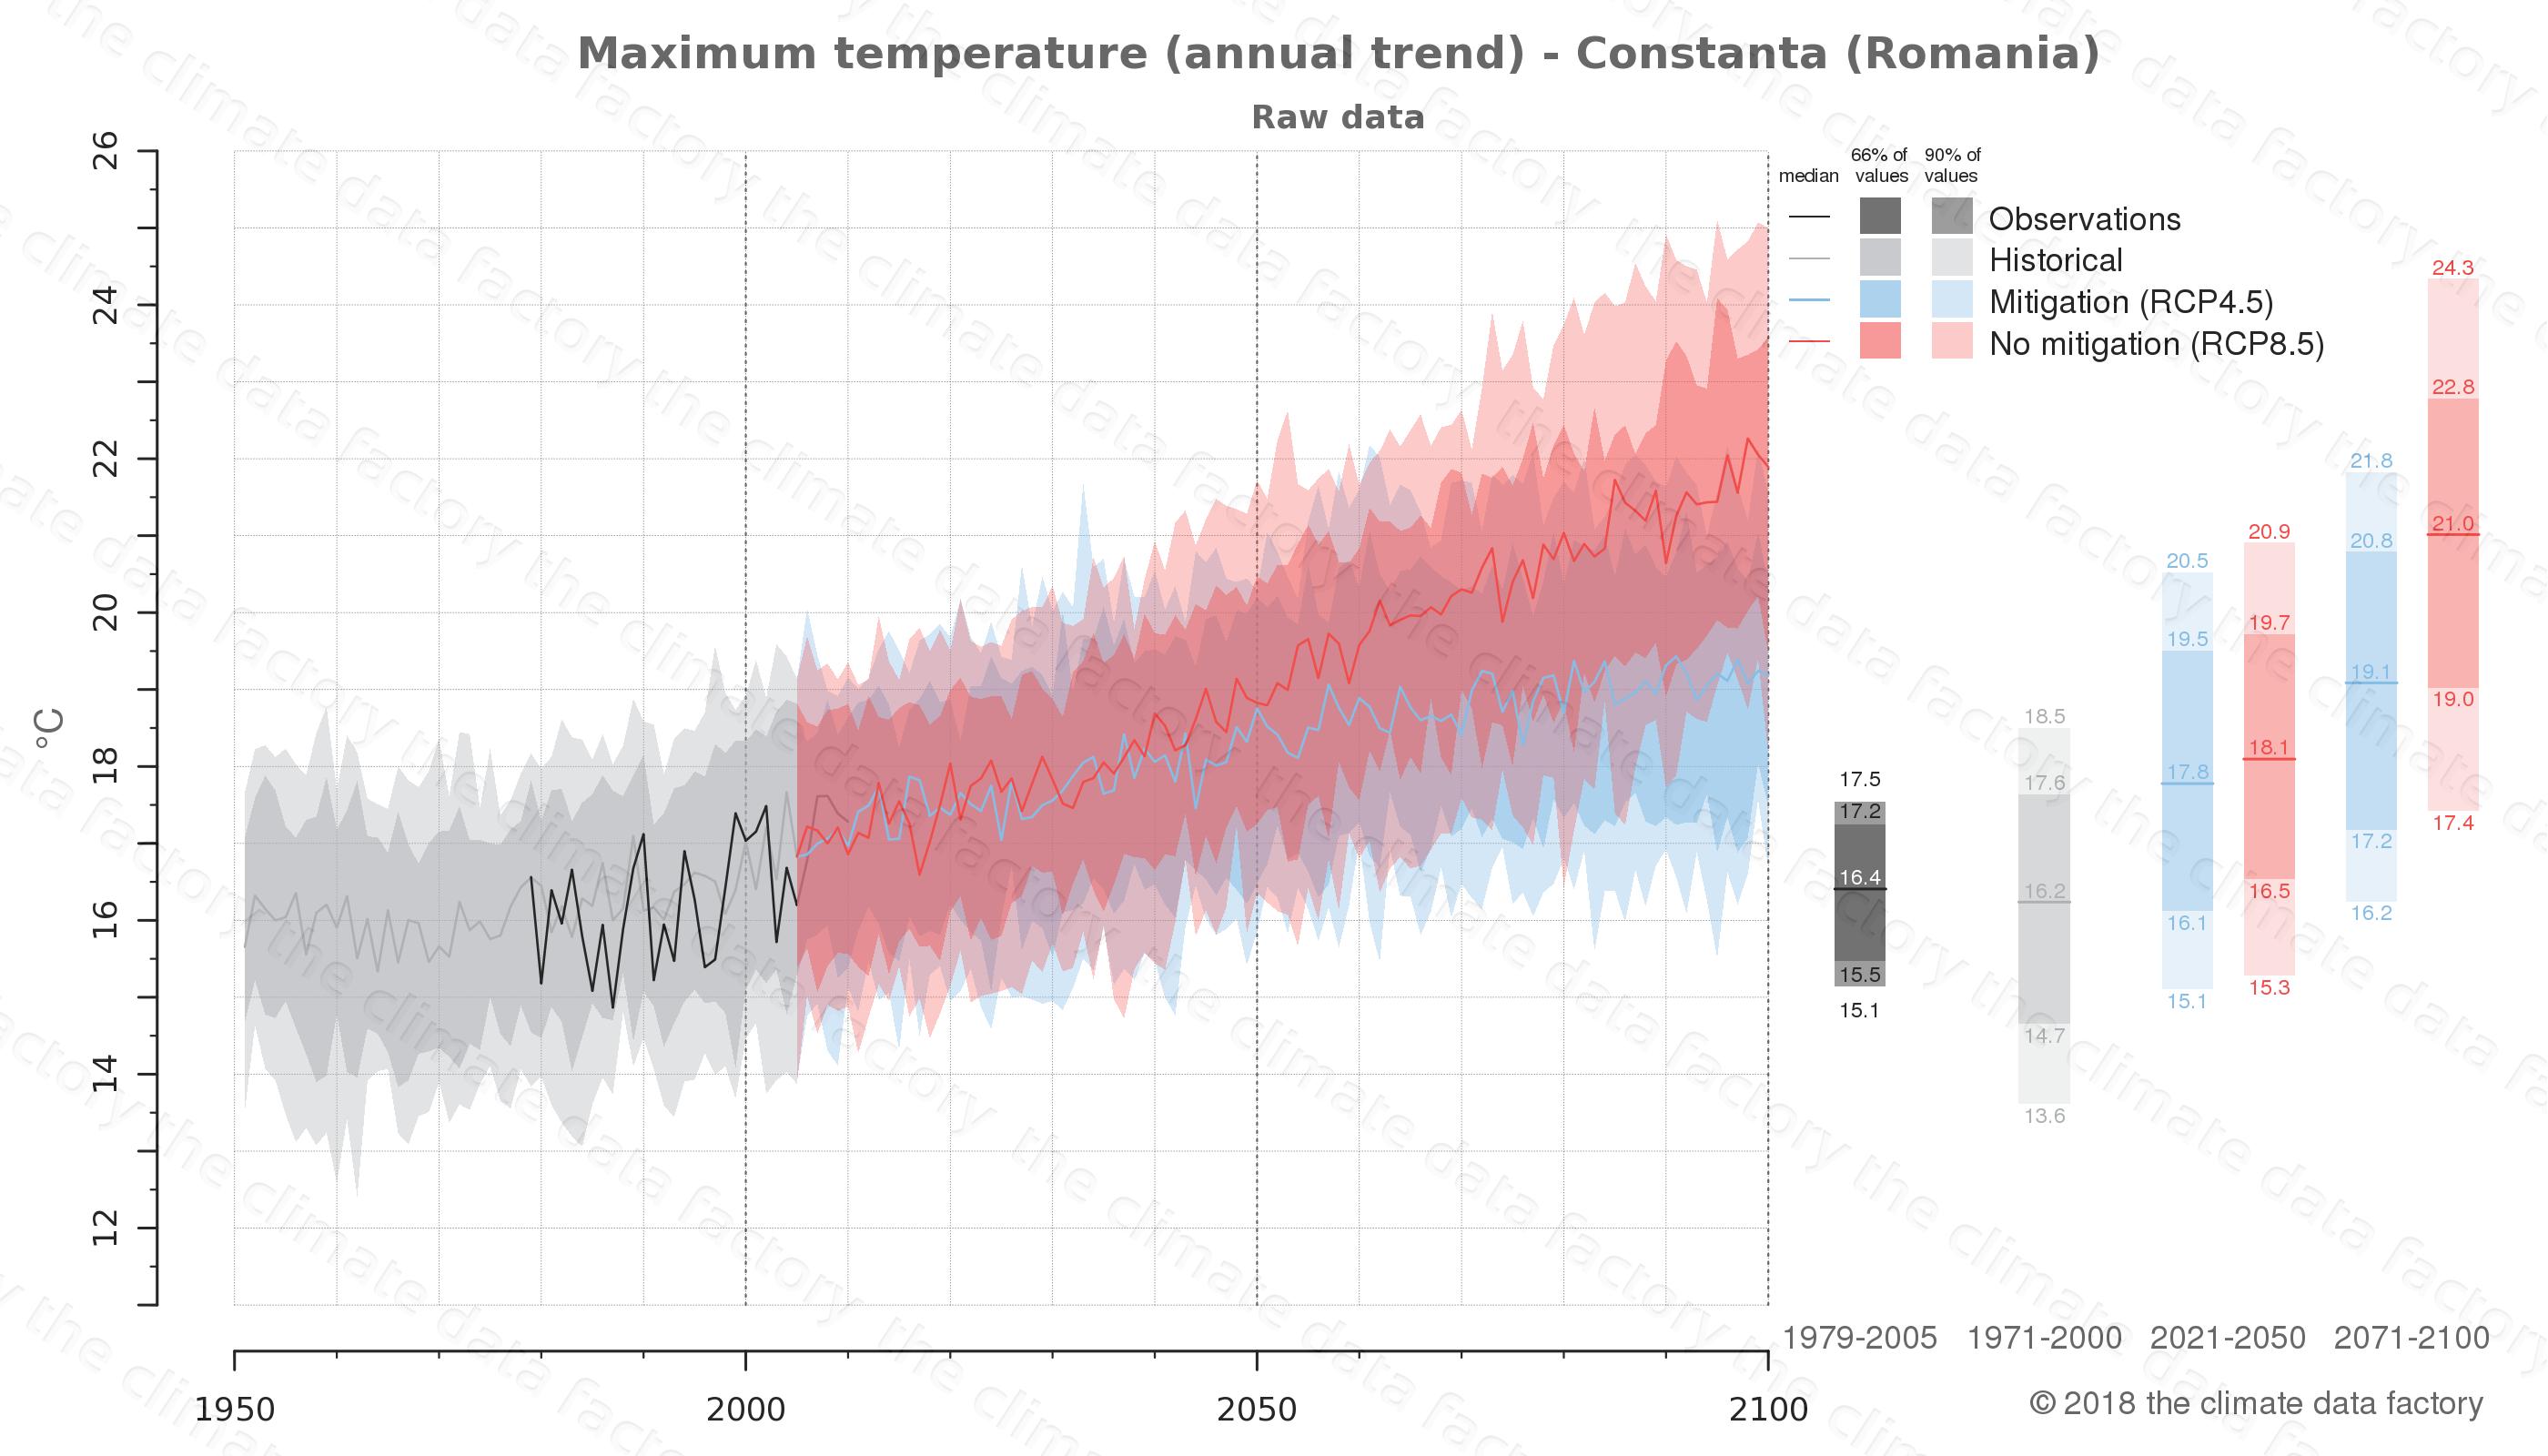 climate change data policy adaptation climate graph city data maximum-temperature constanta romania